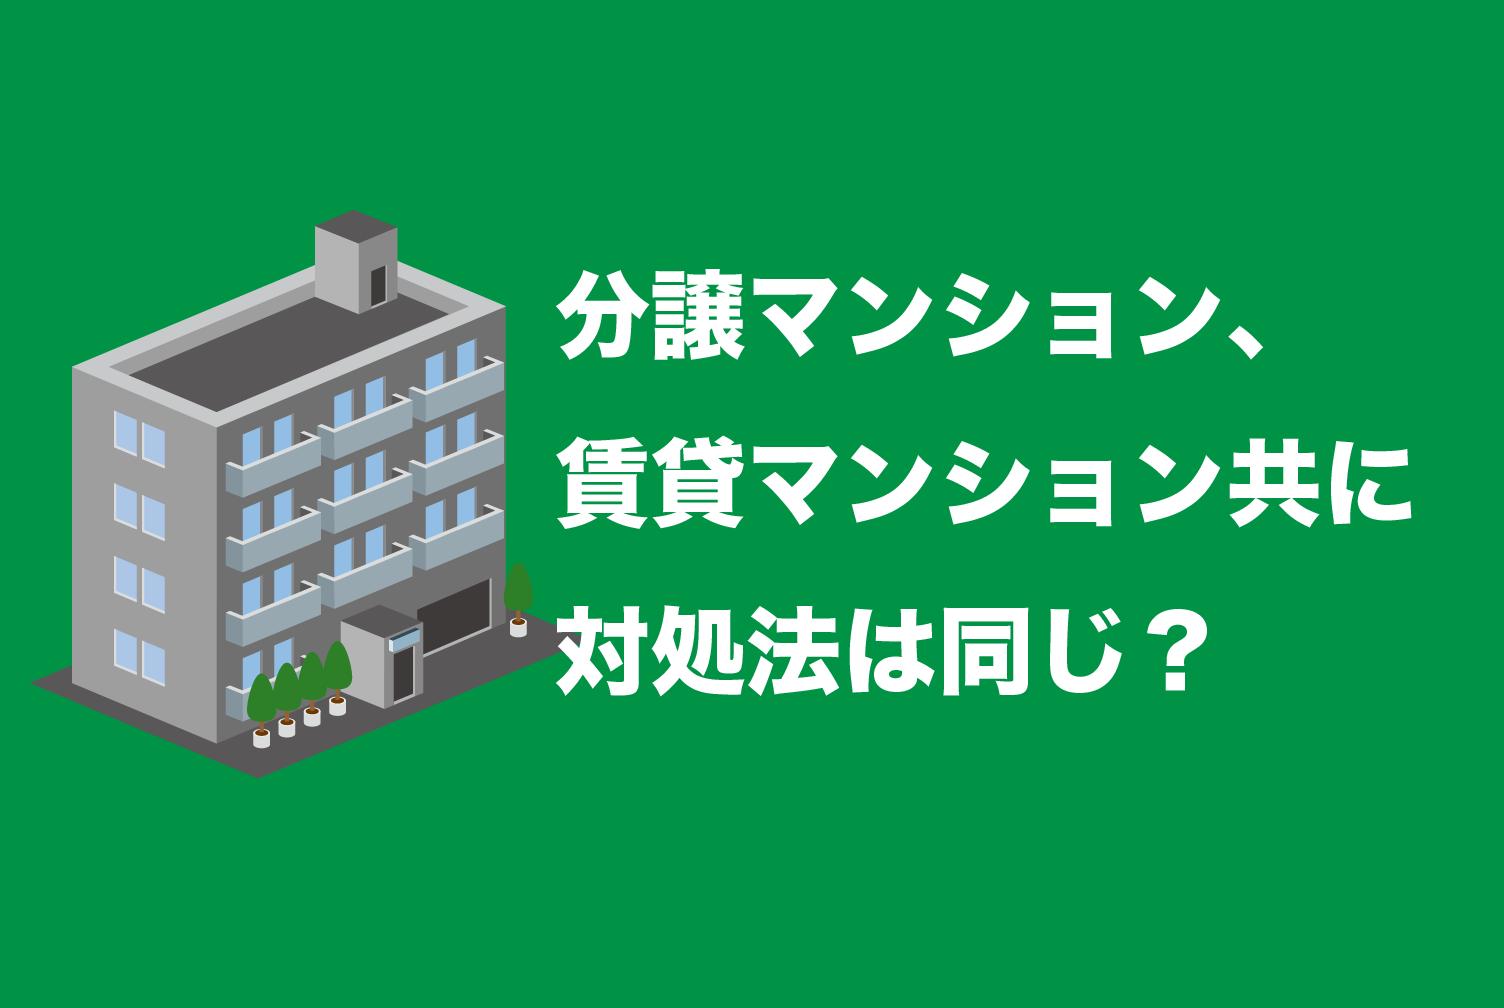 分譲マンション・賃貸マンション